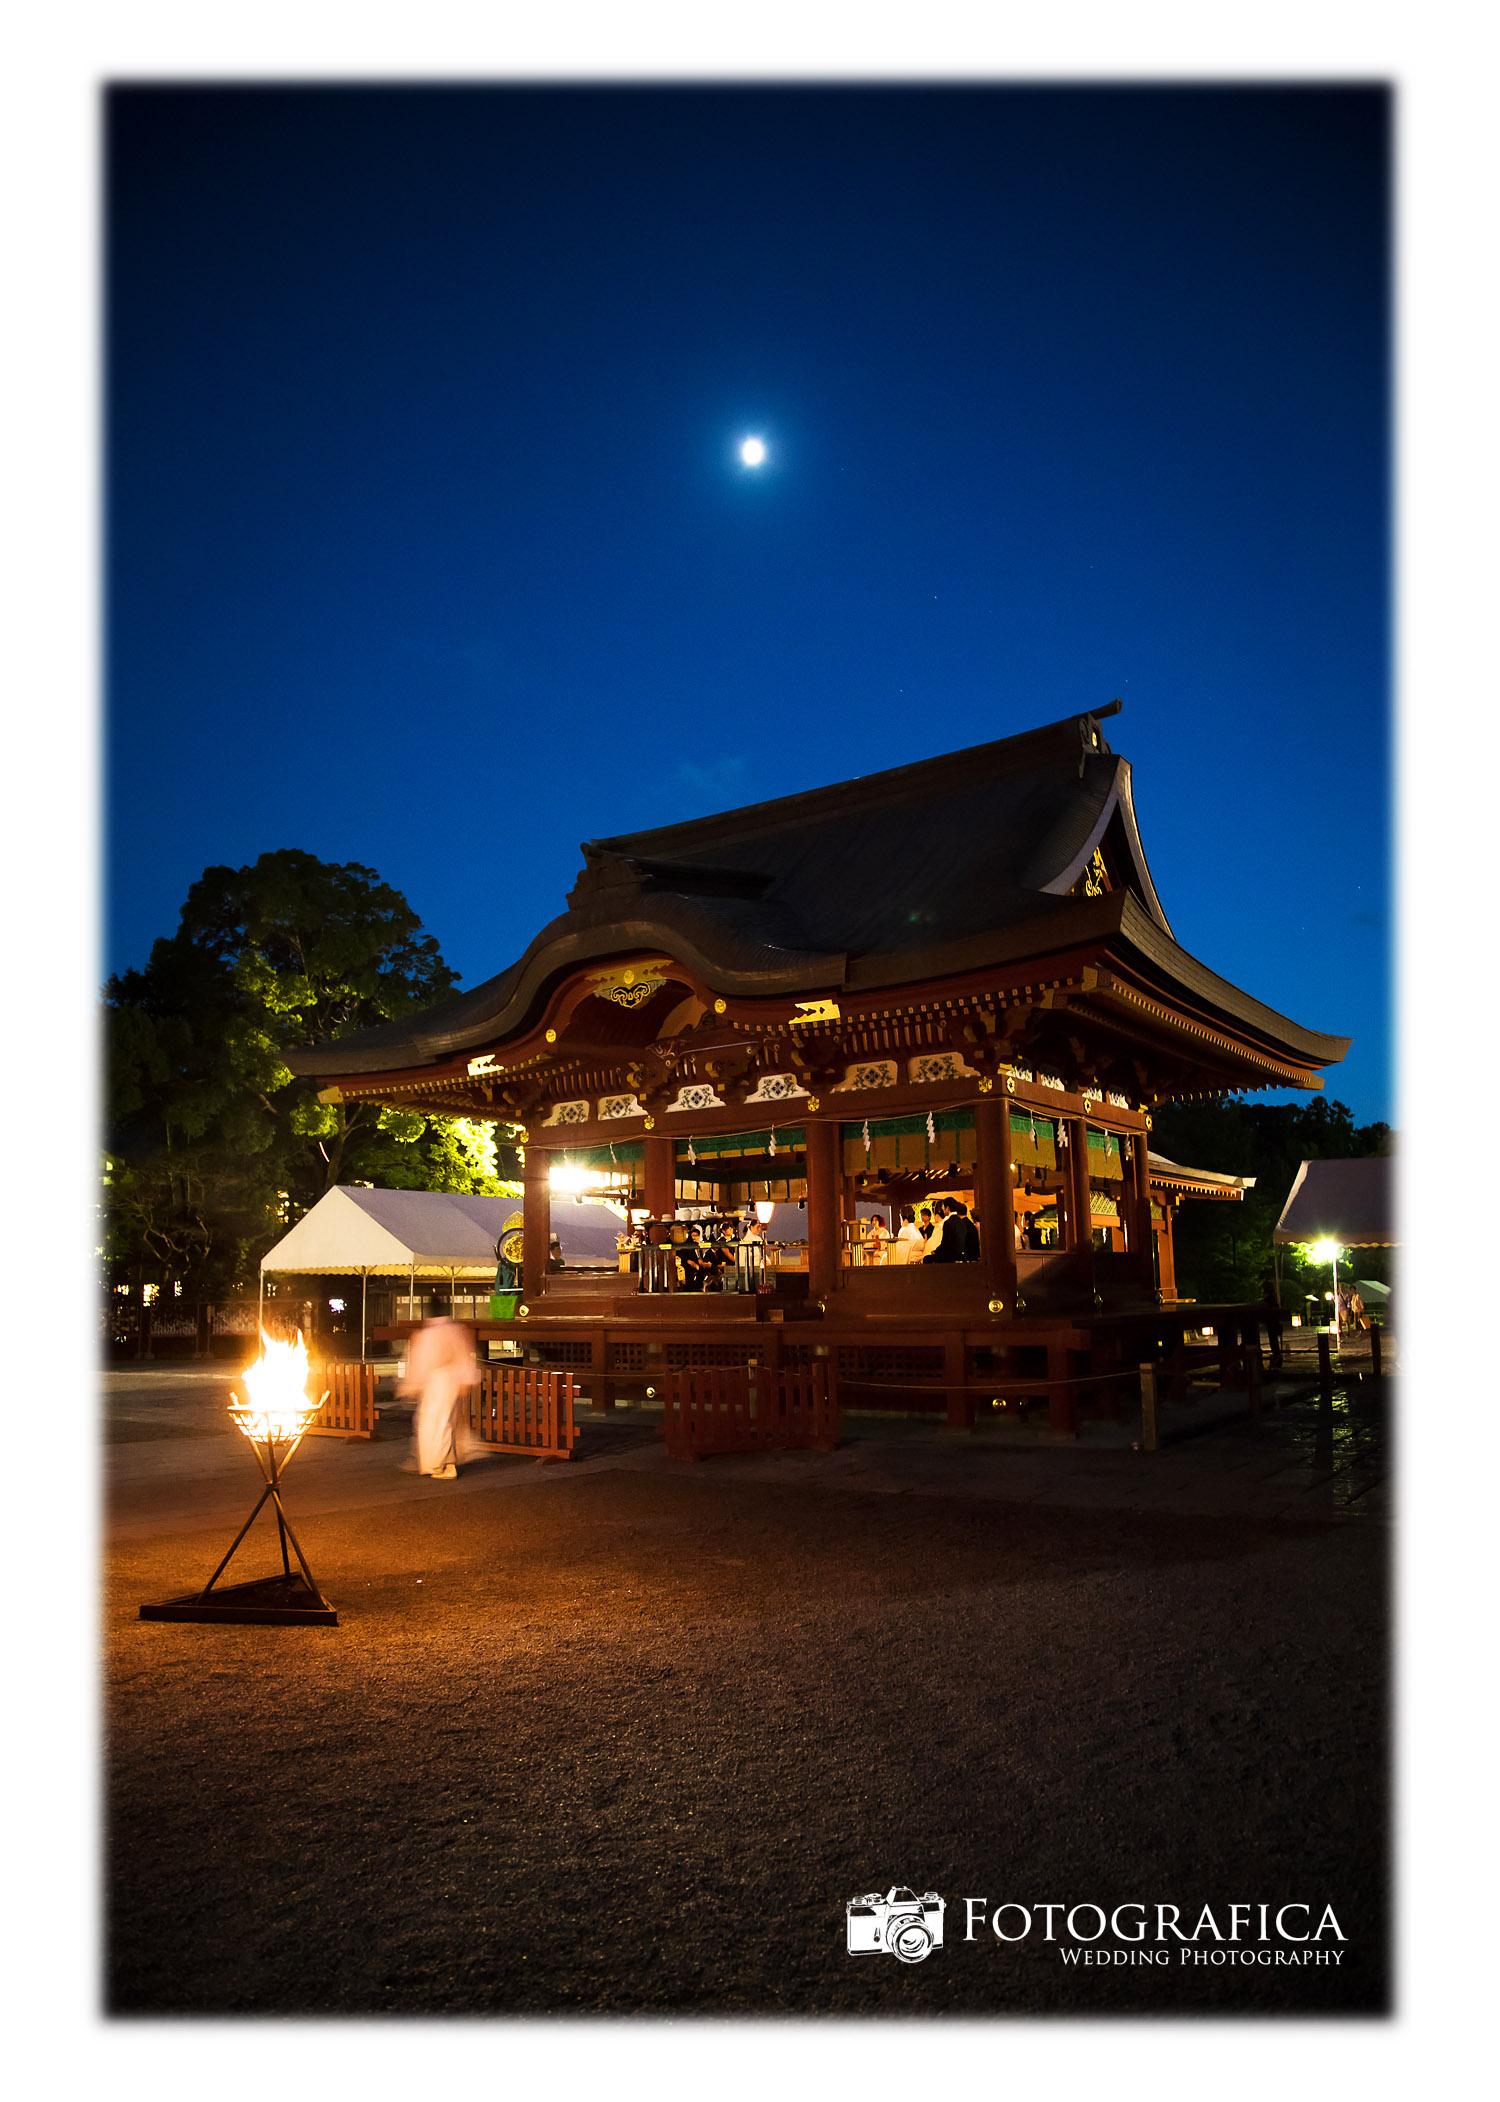 鎌倉-鶴岡八幡宮挙式-結婚式の出張撮影